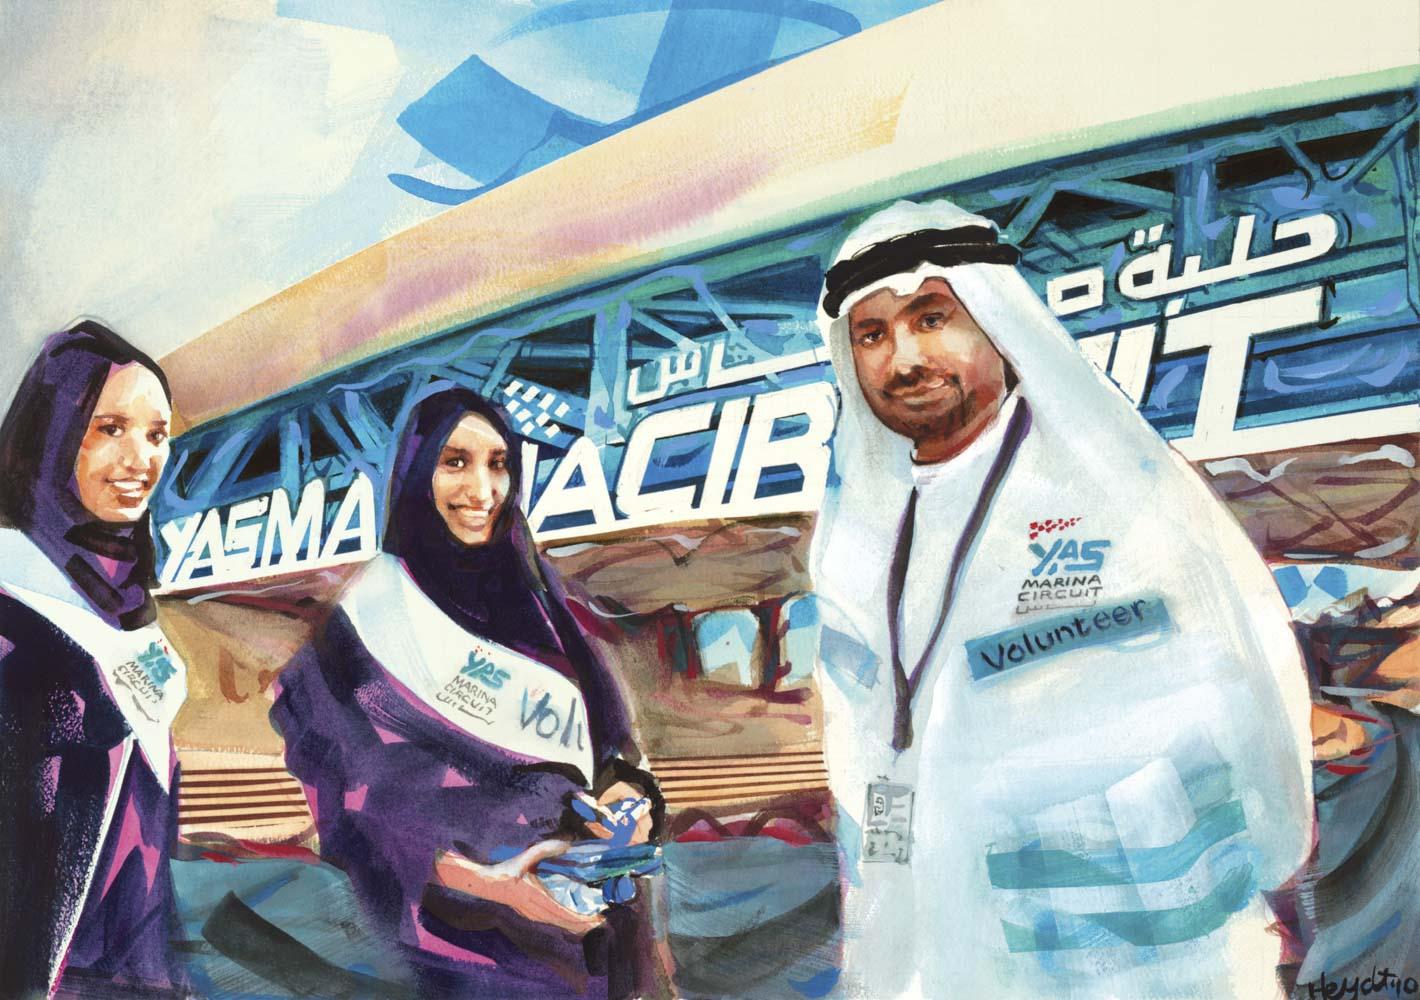 Formula One Volunteers in Abu Dhabi